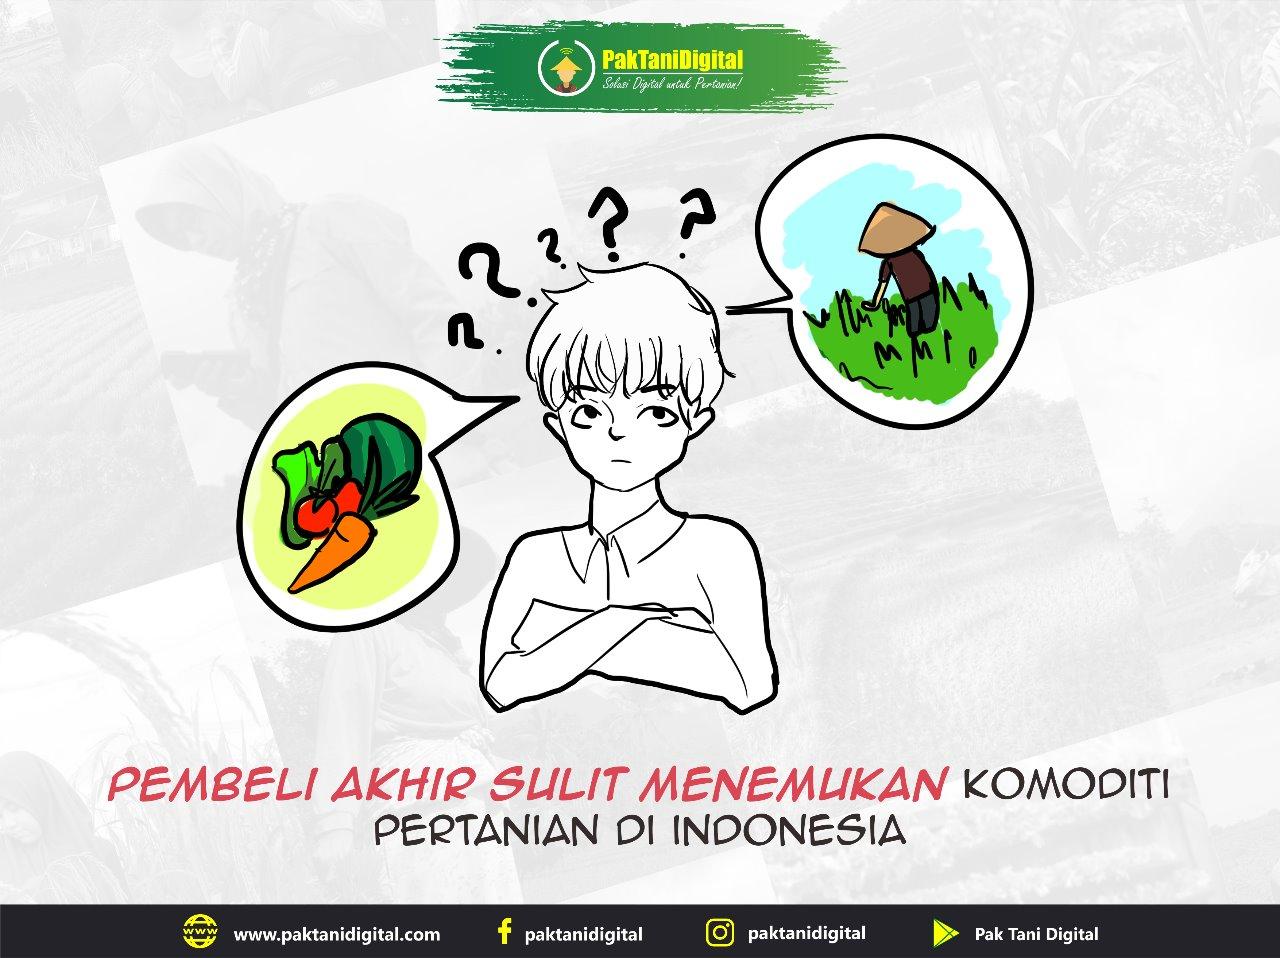 Pembeli sulit menemukan komoditi pertanian di Indonesia